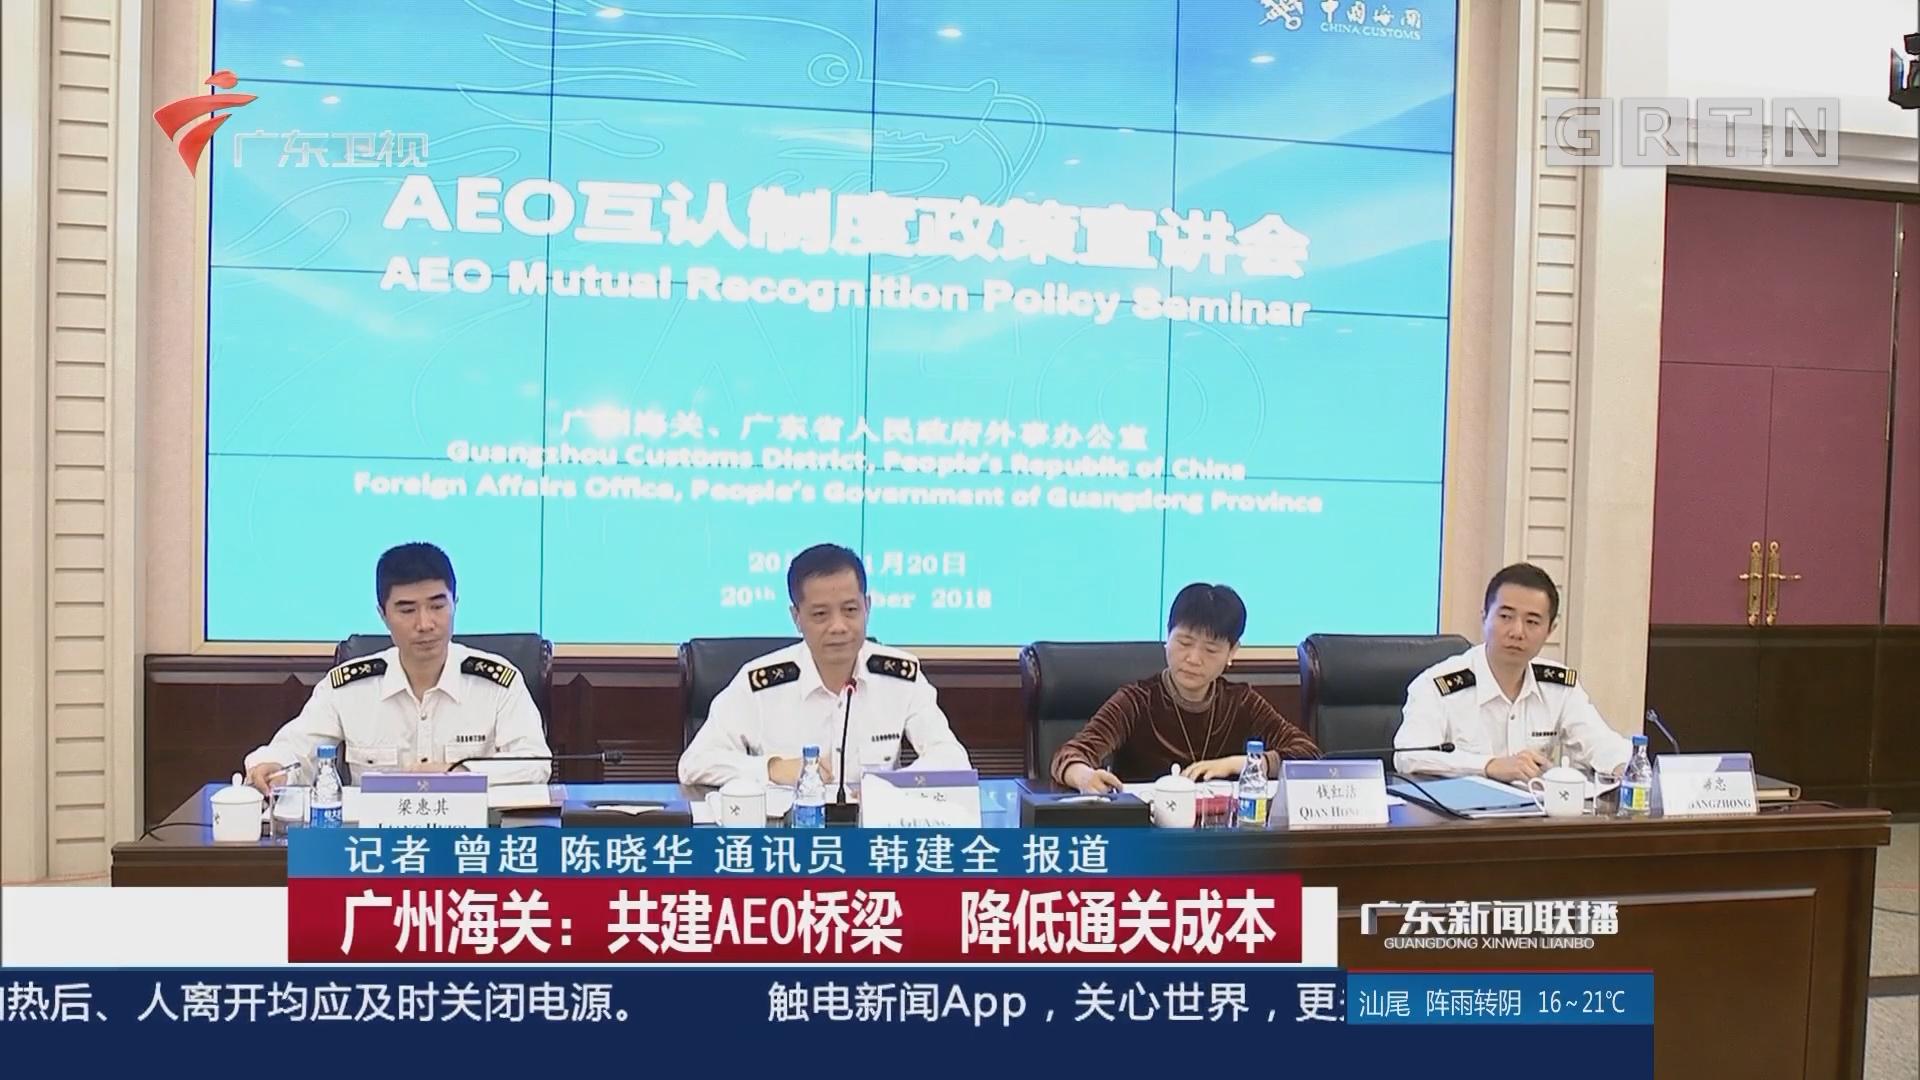 广州海关:共建AEO桥梁 降低通关成本